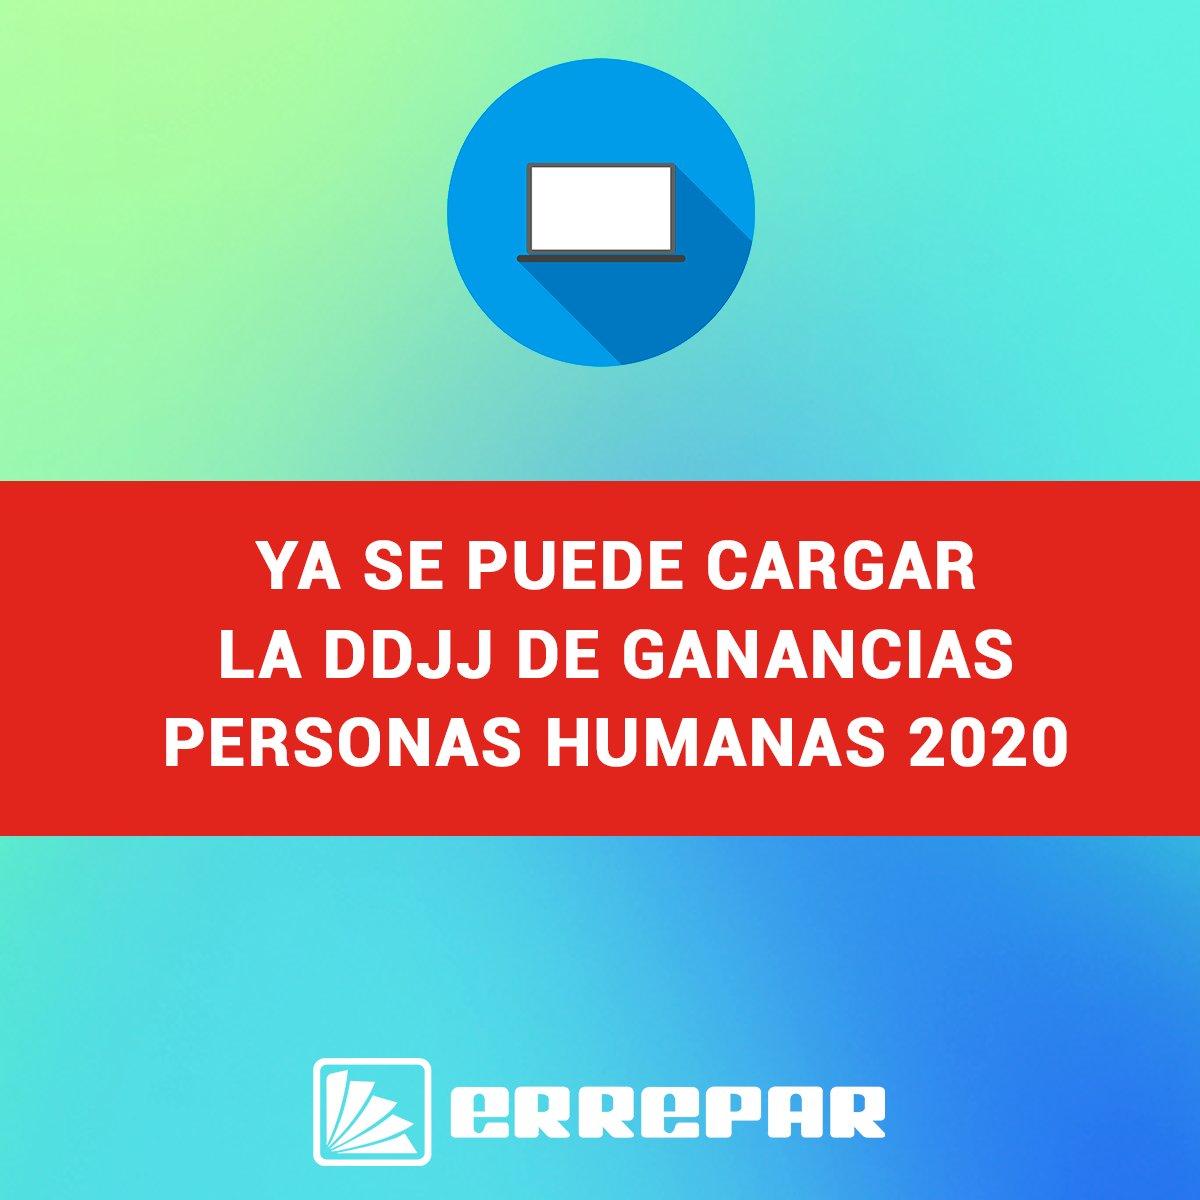 Editorial Errepar @errepar: ¡ULTIMA NOTICIA! ???? Finalmente, la AFIP habilitó el servicio web Ganancias Personas Humanas e Impuestos Cedular para presentar la DDJJ 2020 ???? https://t.co/Kdbz7iSbzf